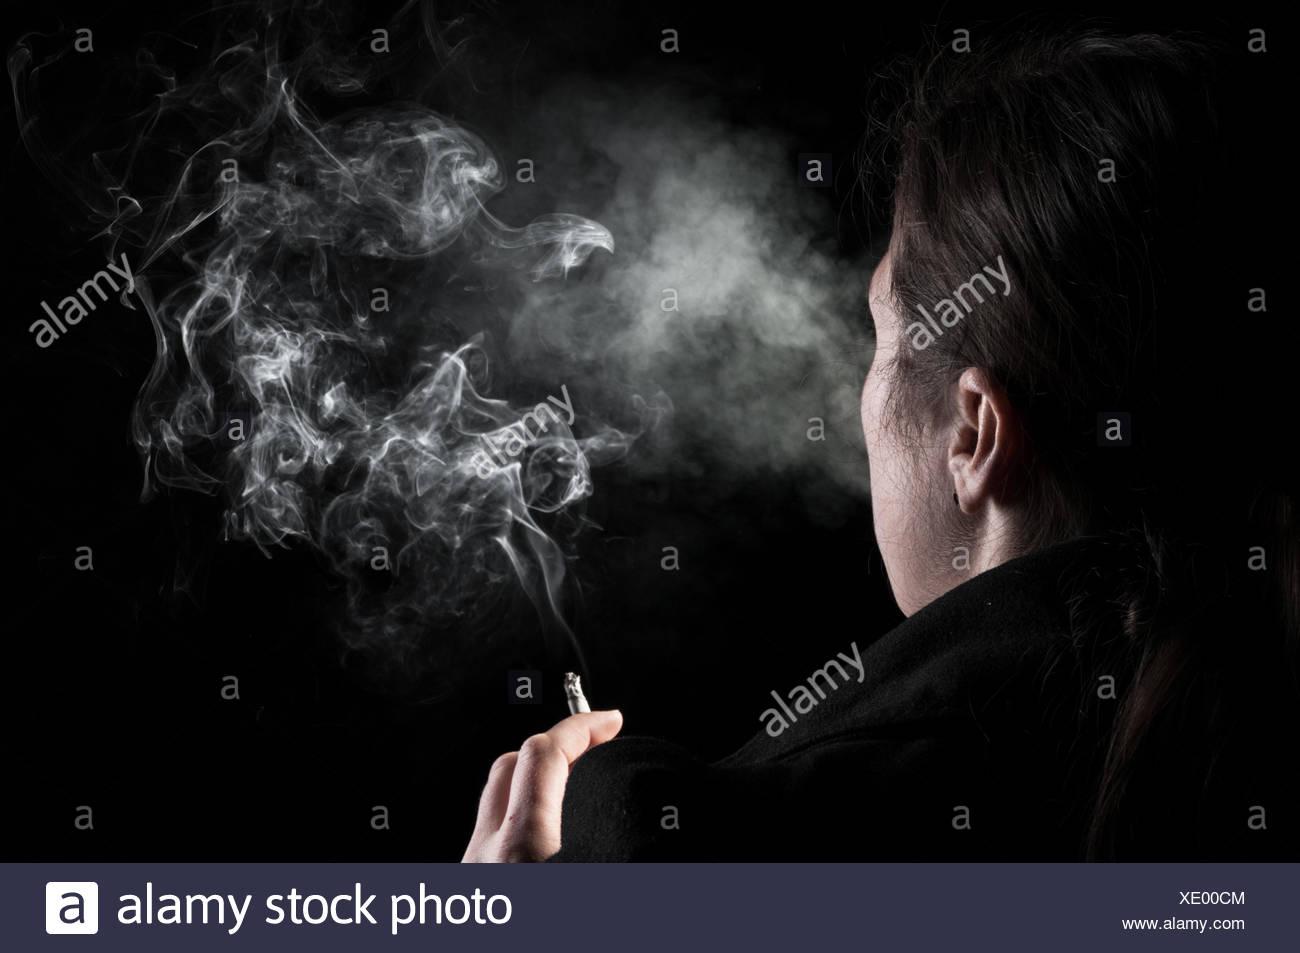 smoking woman - Stock Image